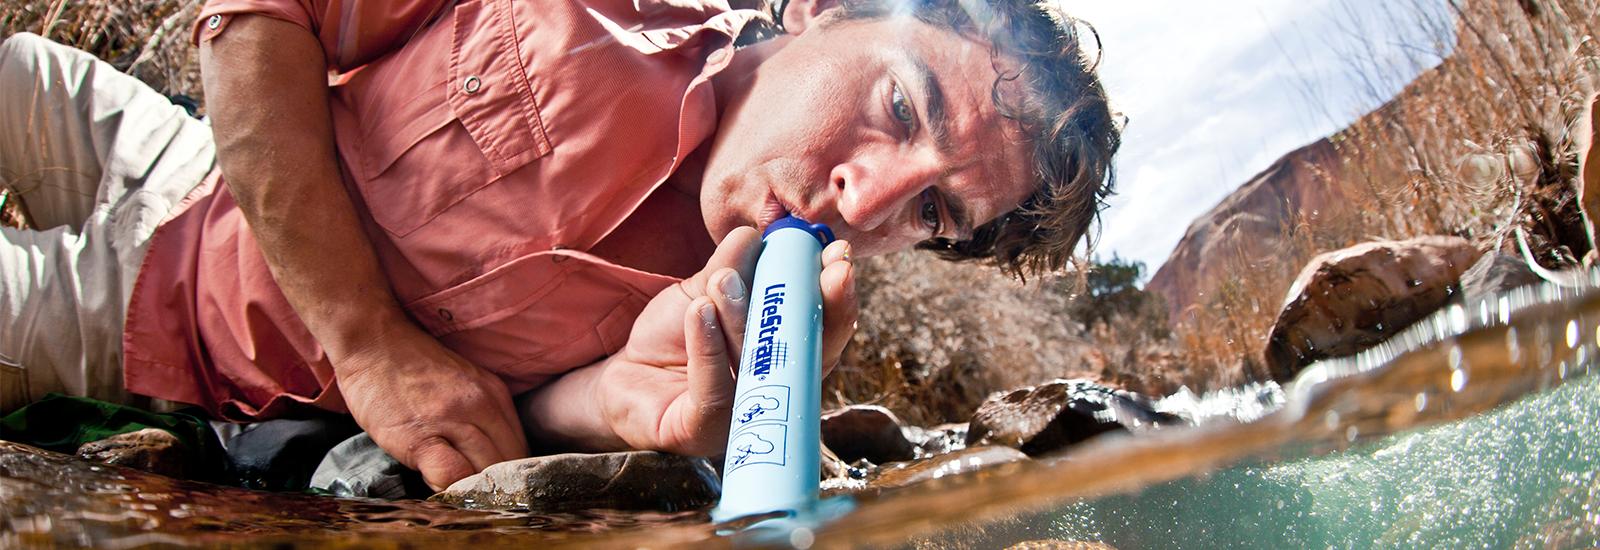 Agua segura en el punto de uso